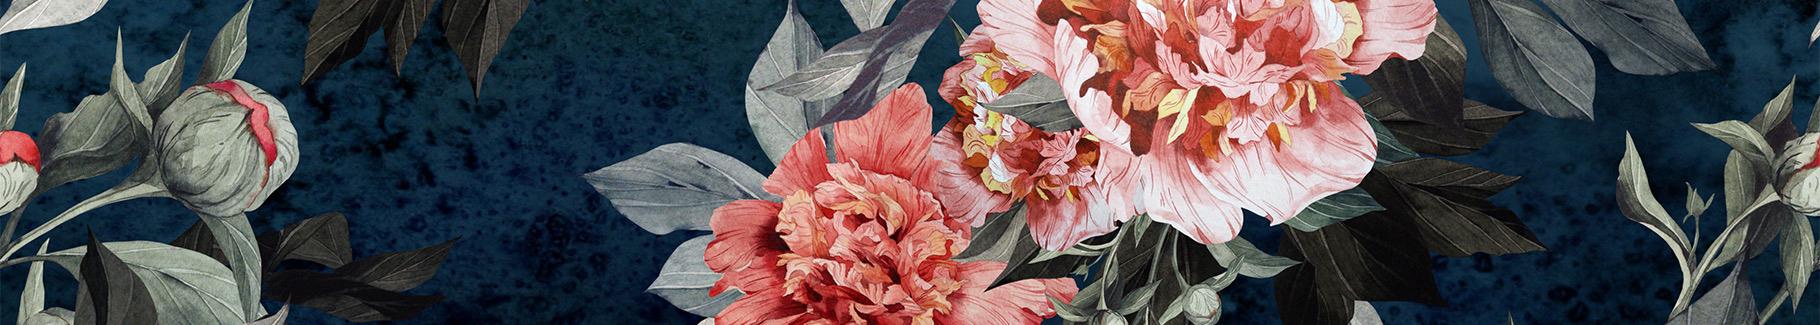 Romantische Blumen Fototapete